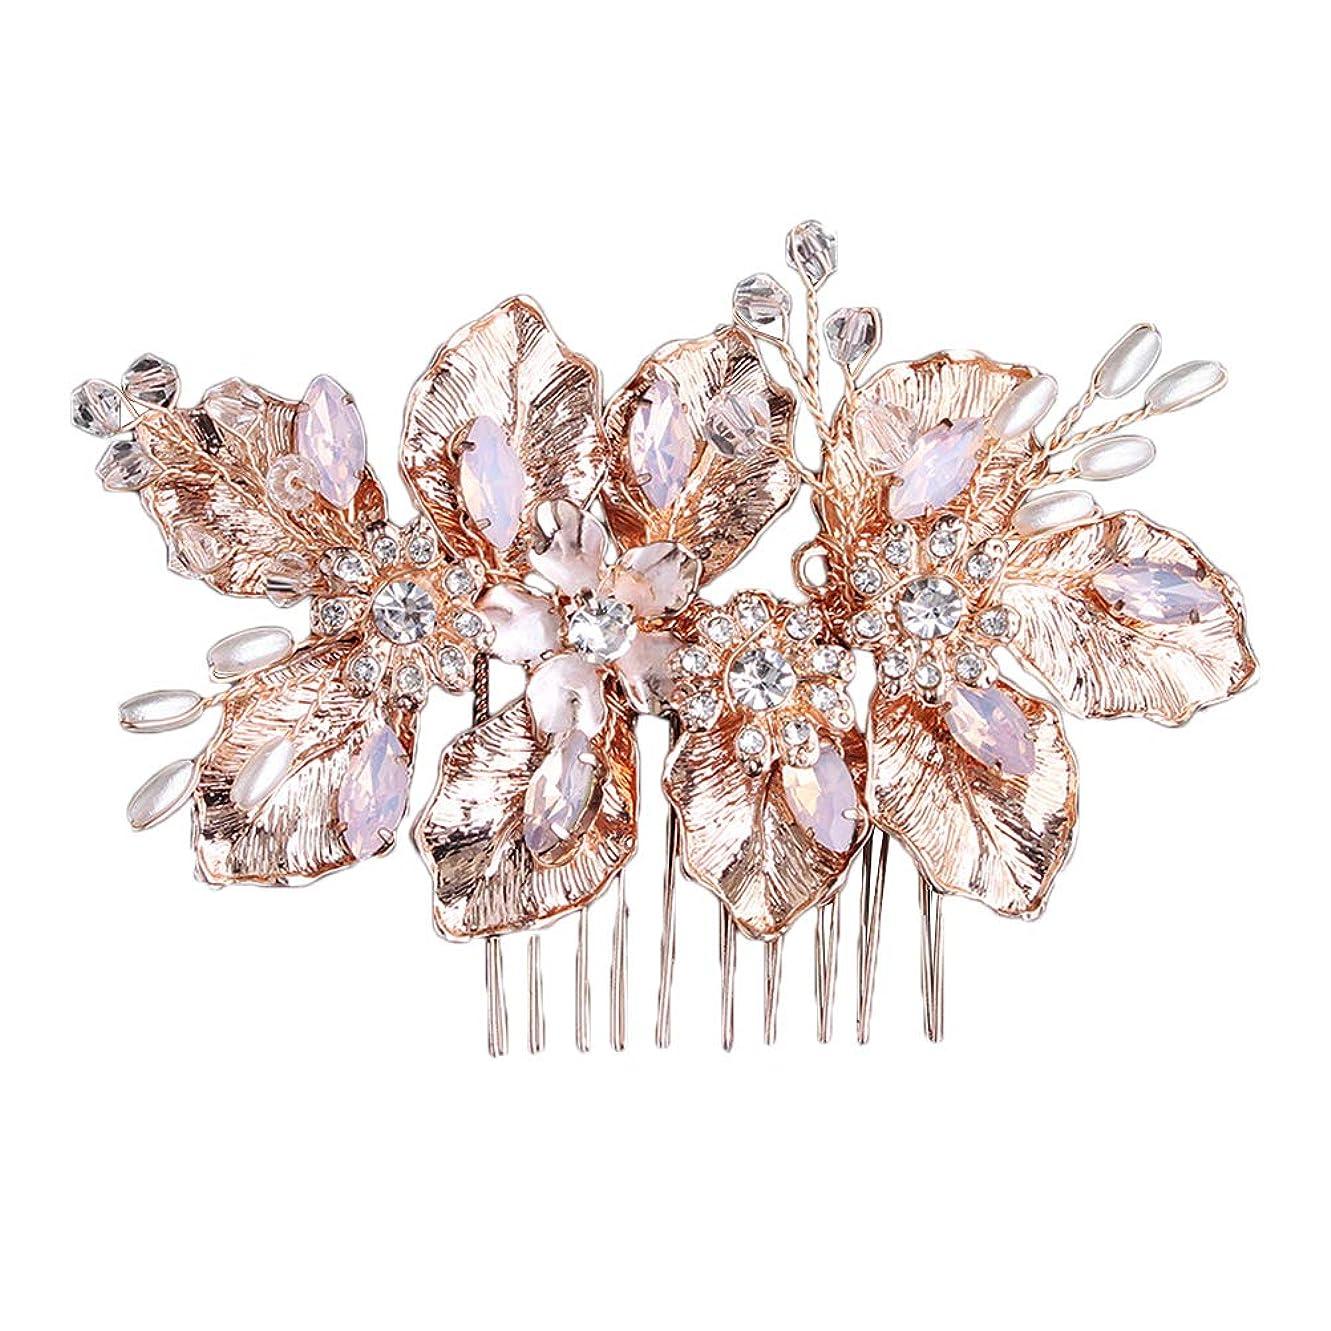 不潔ドライ無礼にLURROSE クリスタルラインストーンヘアコームのかかった真珠ビーズダイヤモンドヘアピース合金の花のヘッドドレス手作りティアラウェディングブライダルヘアアクセサリーヘアピン用女性装飾ギフト